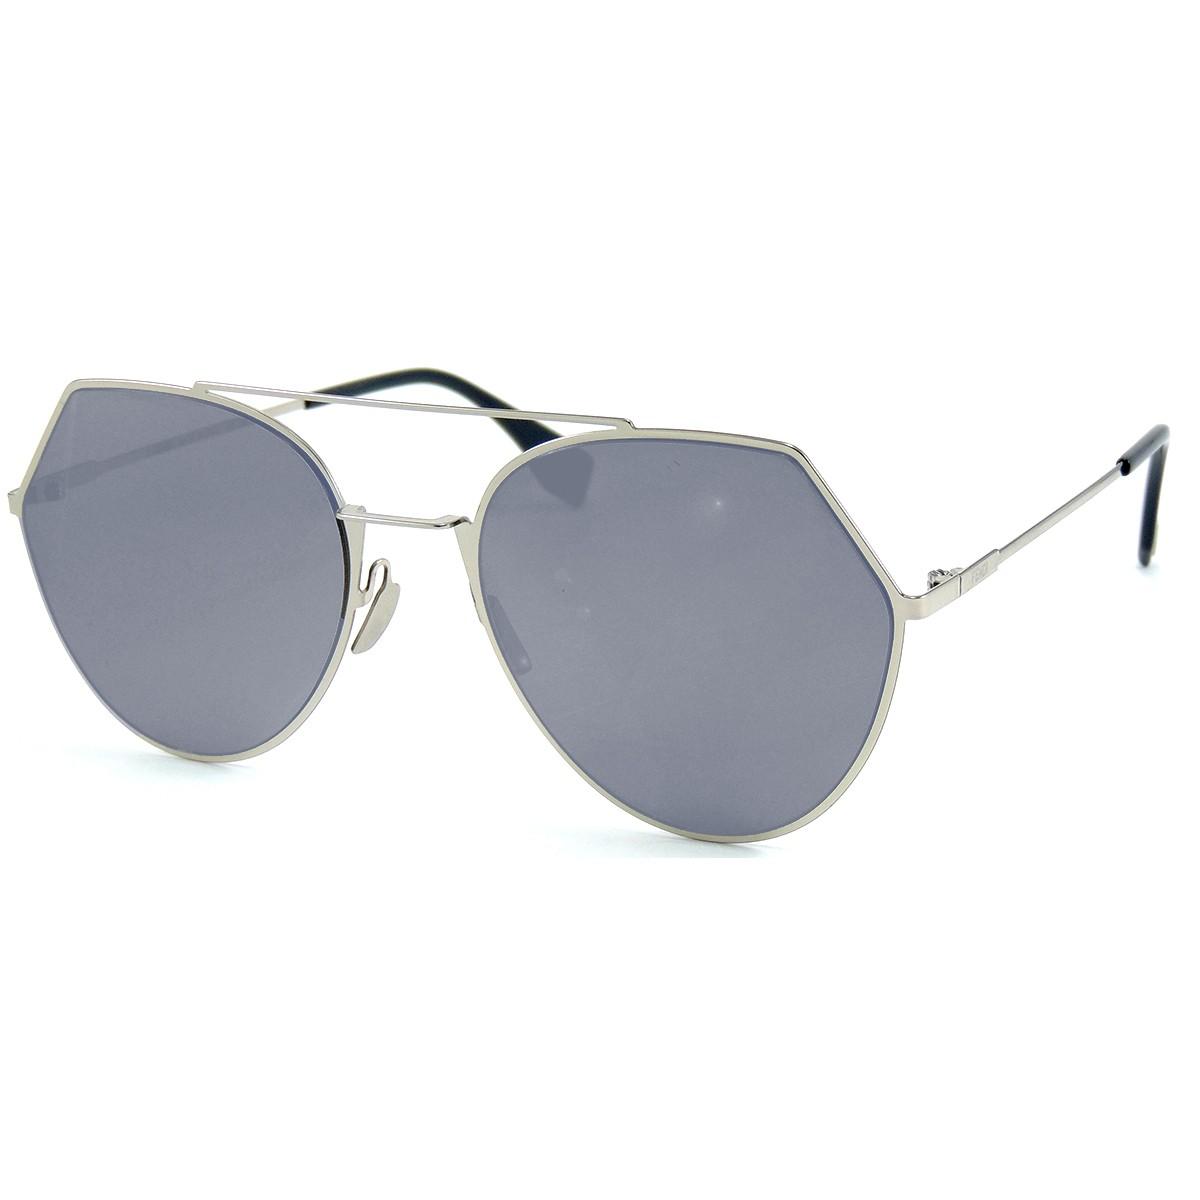 Compre Óculos de Sol Fendi Eyeline em 10X   Tri-Jóia Shop 569a8004e5